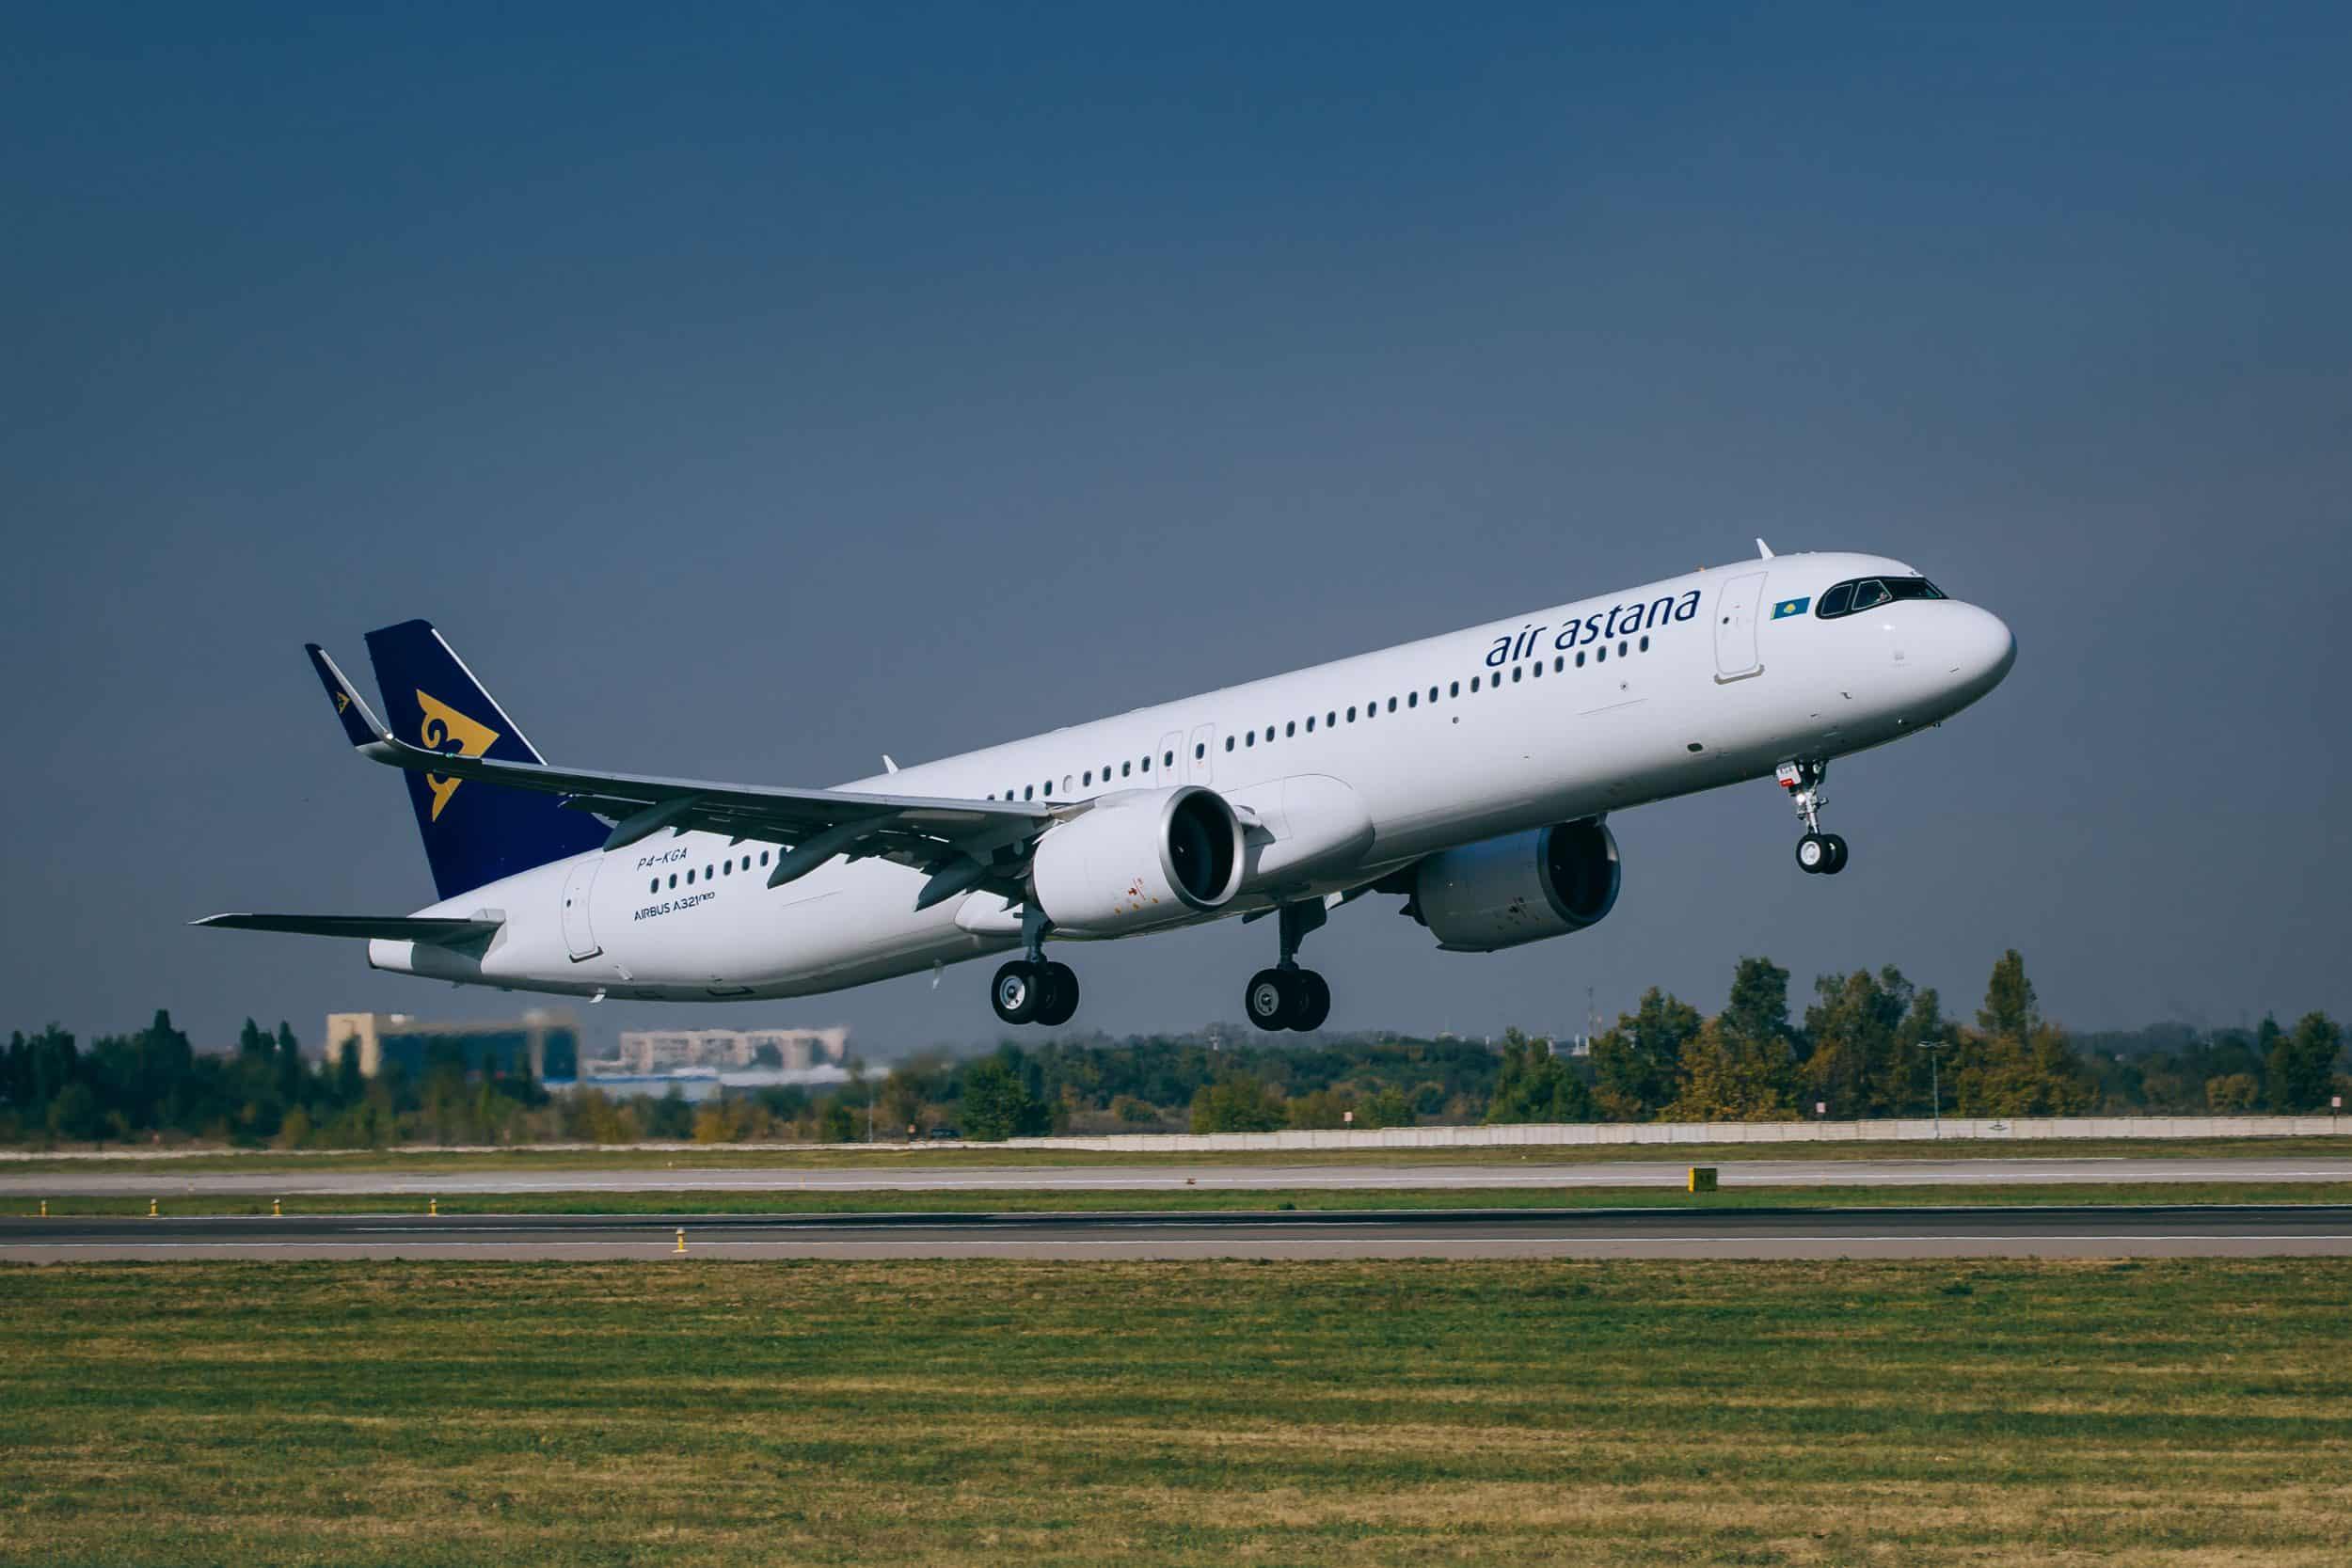 Air Atana, A321 LR ұшағы